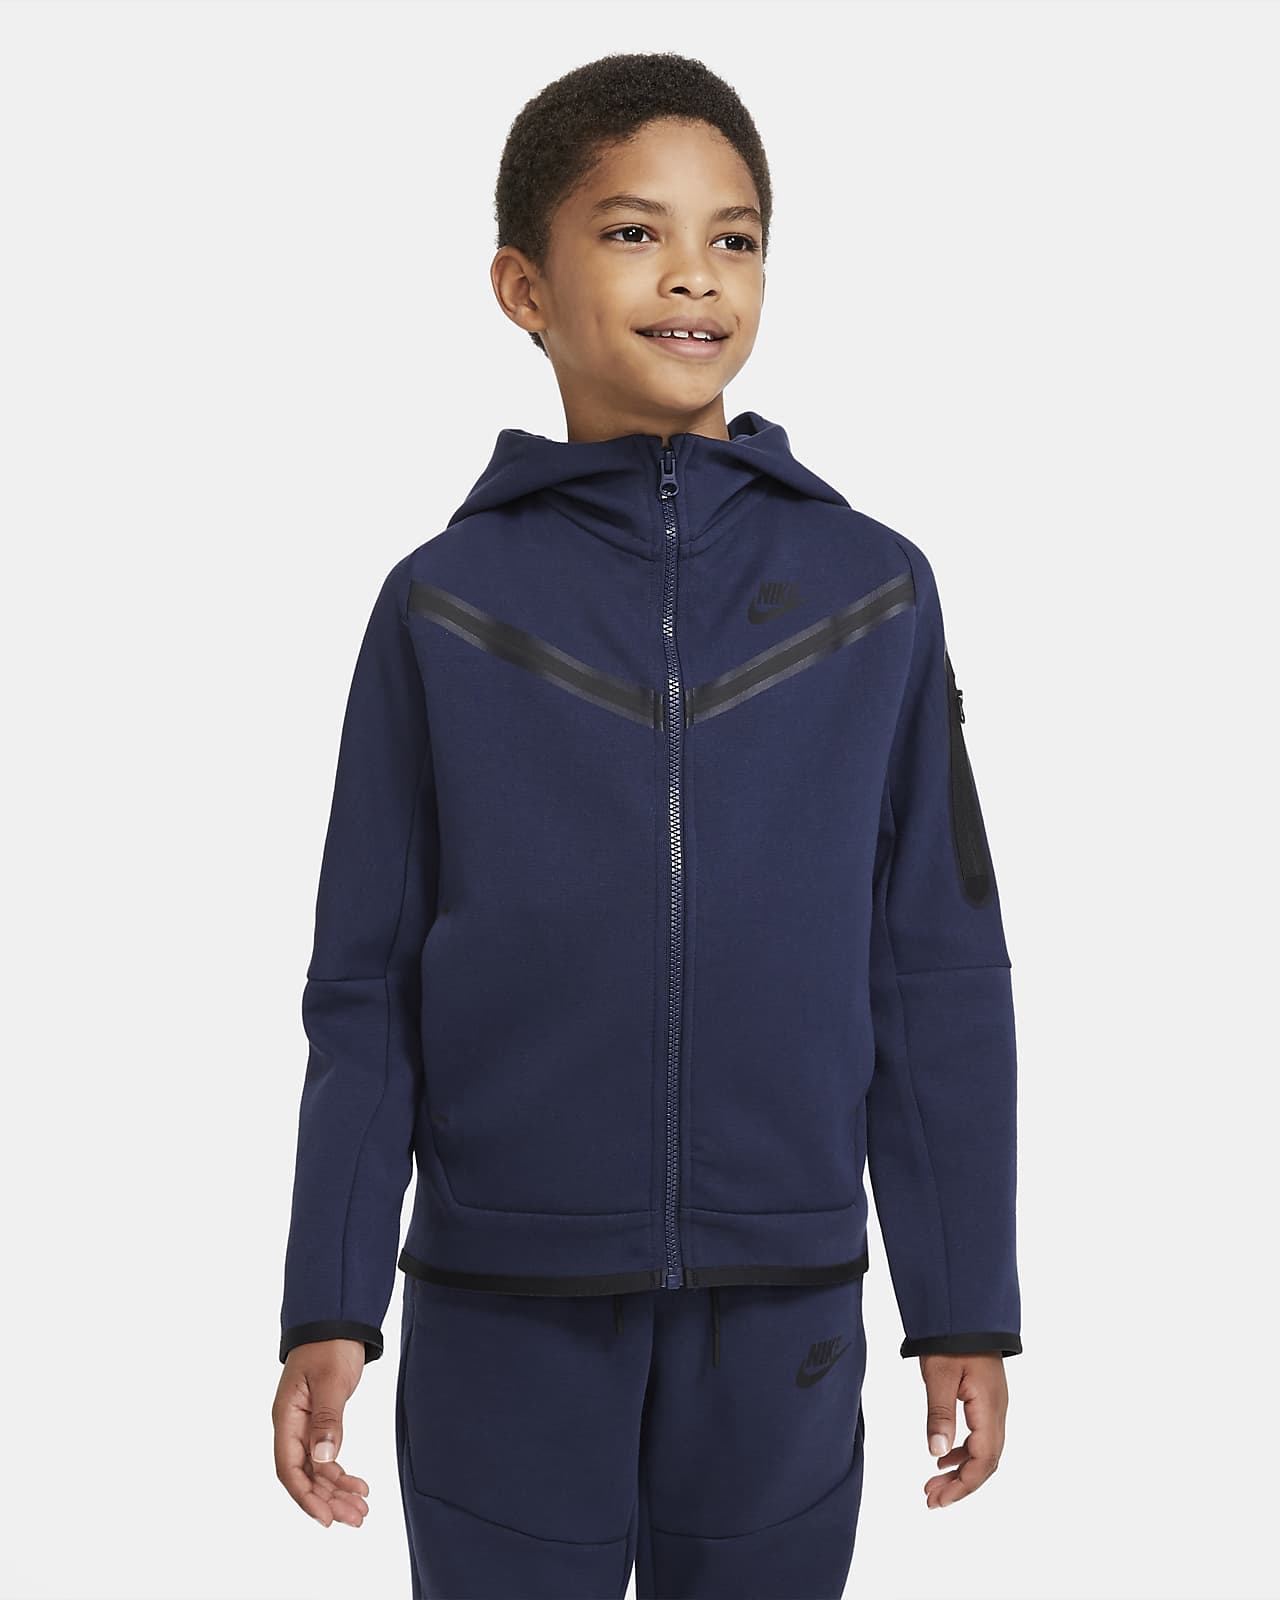 Μπλούζα με κουκούλα και φερμουάρ Nike Sportswear Tech Fleece για μεγάλα αγόρια